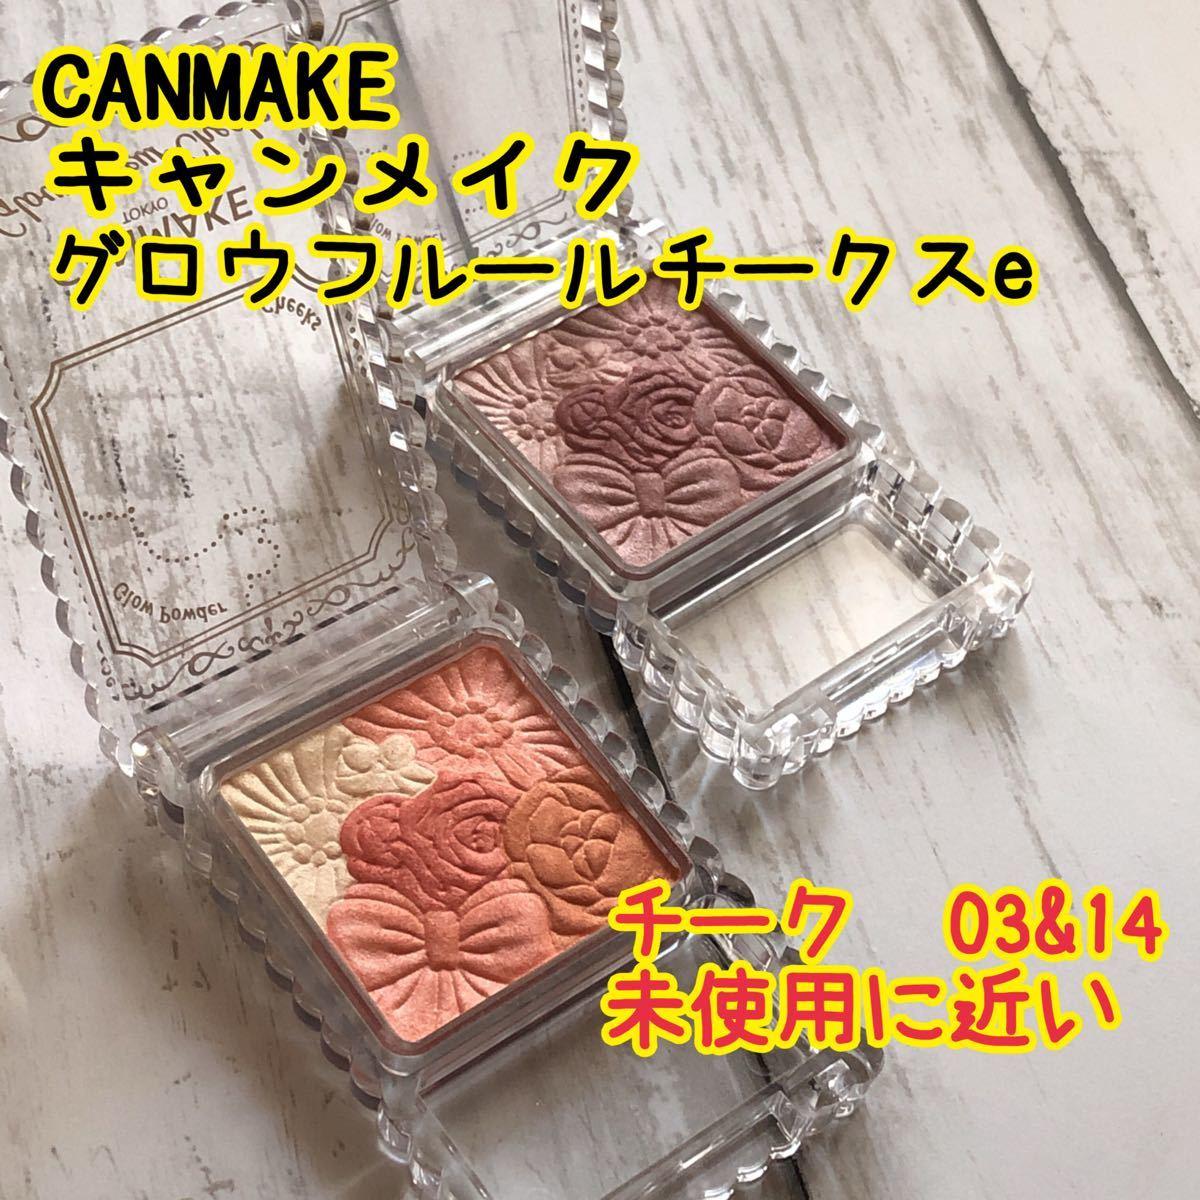 週末限定セール!CANMAKE キャンメイク グロウフルールチークスe03&14 キャンメイクチーク 未使用に近い